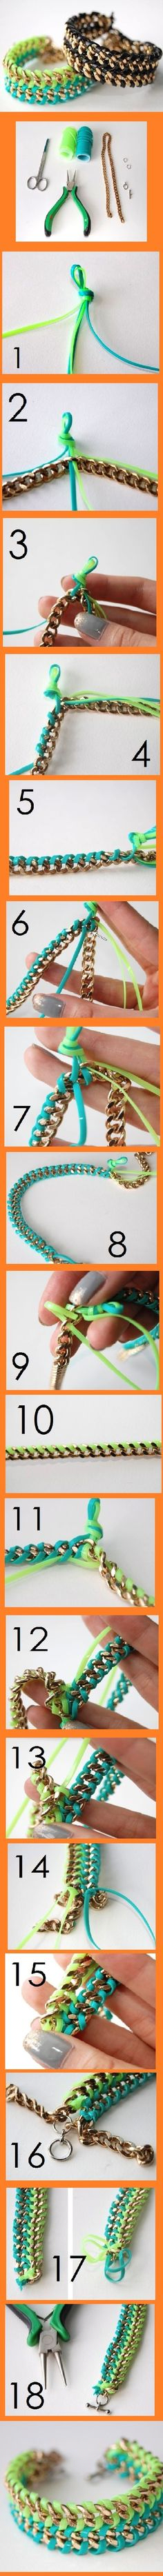 plastik kordonla zincir bileklik susleme